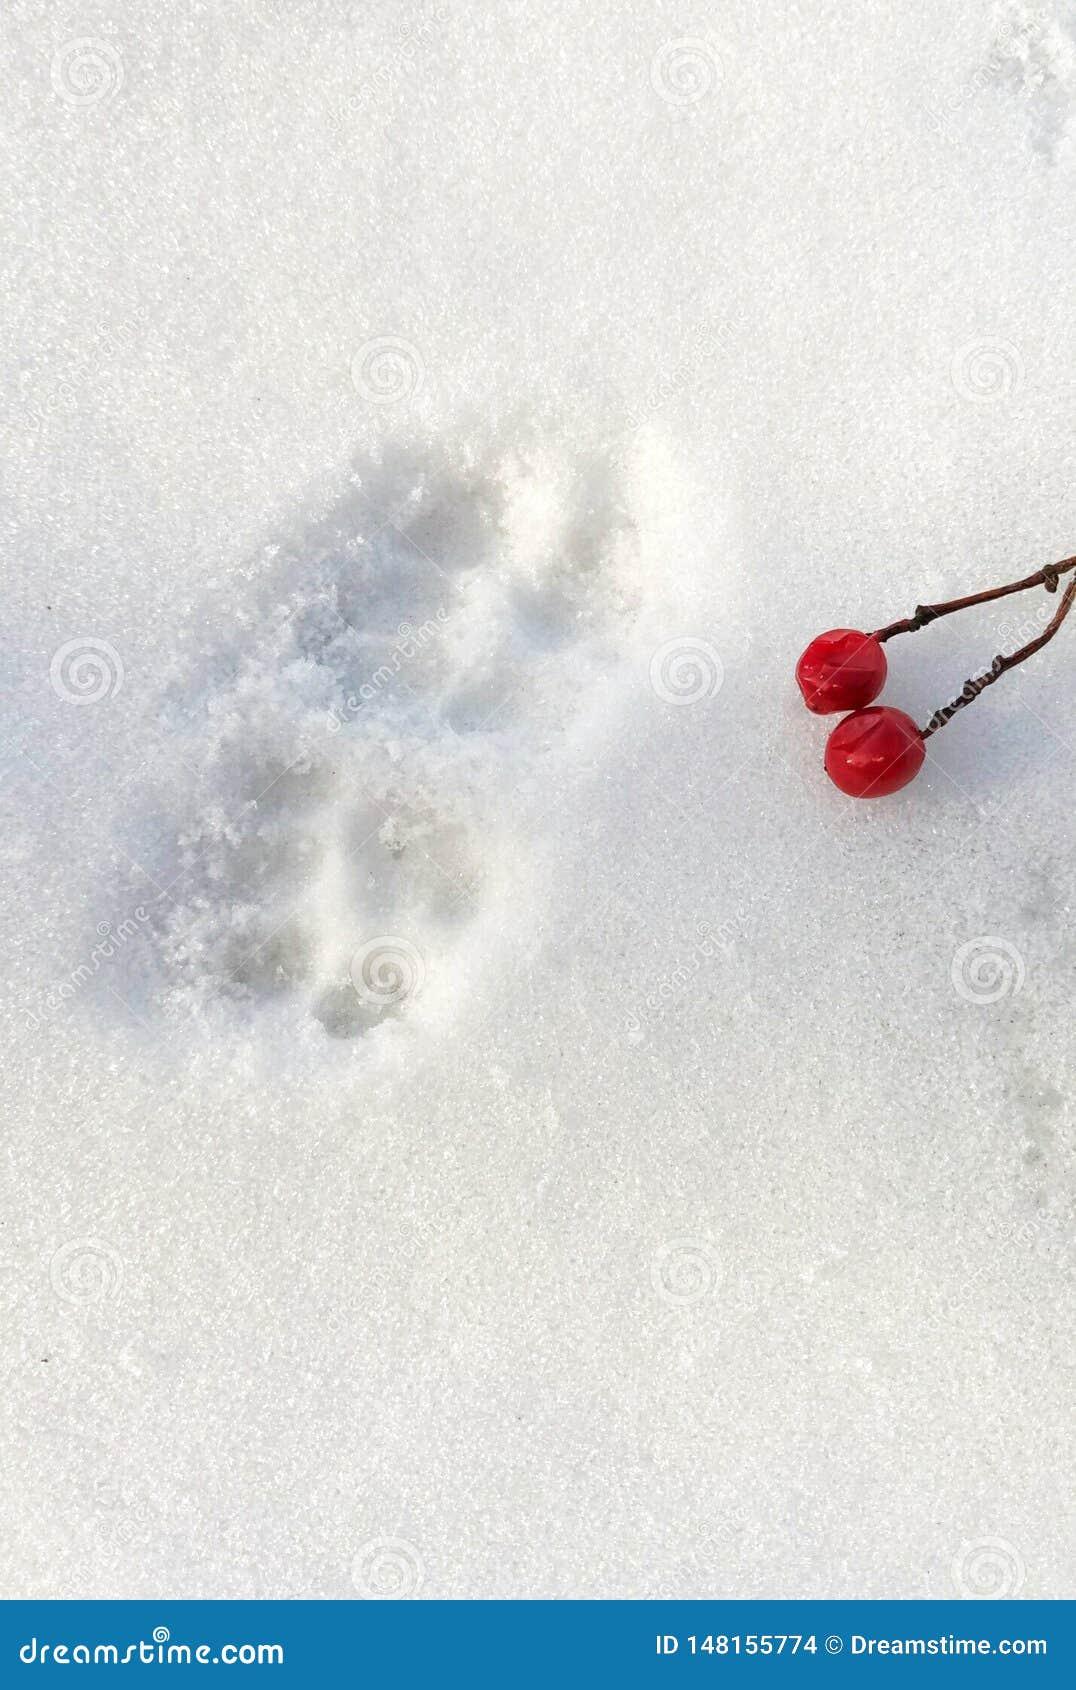 Трассировки лапок кота и ягод калины